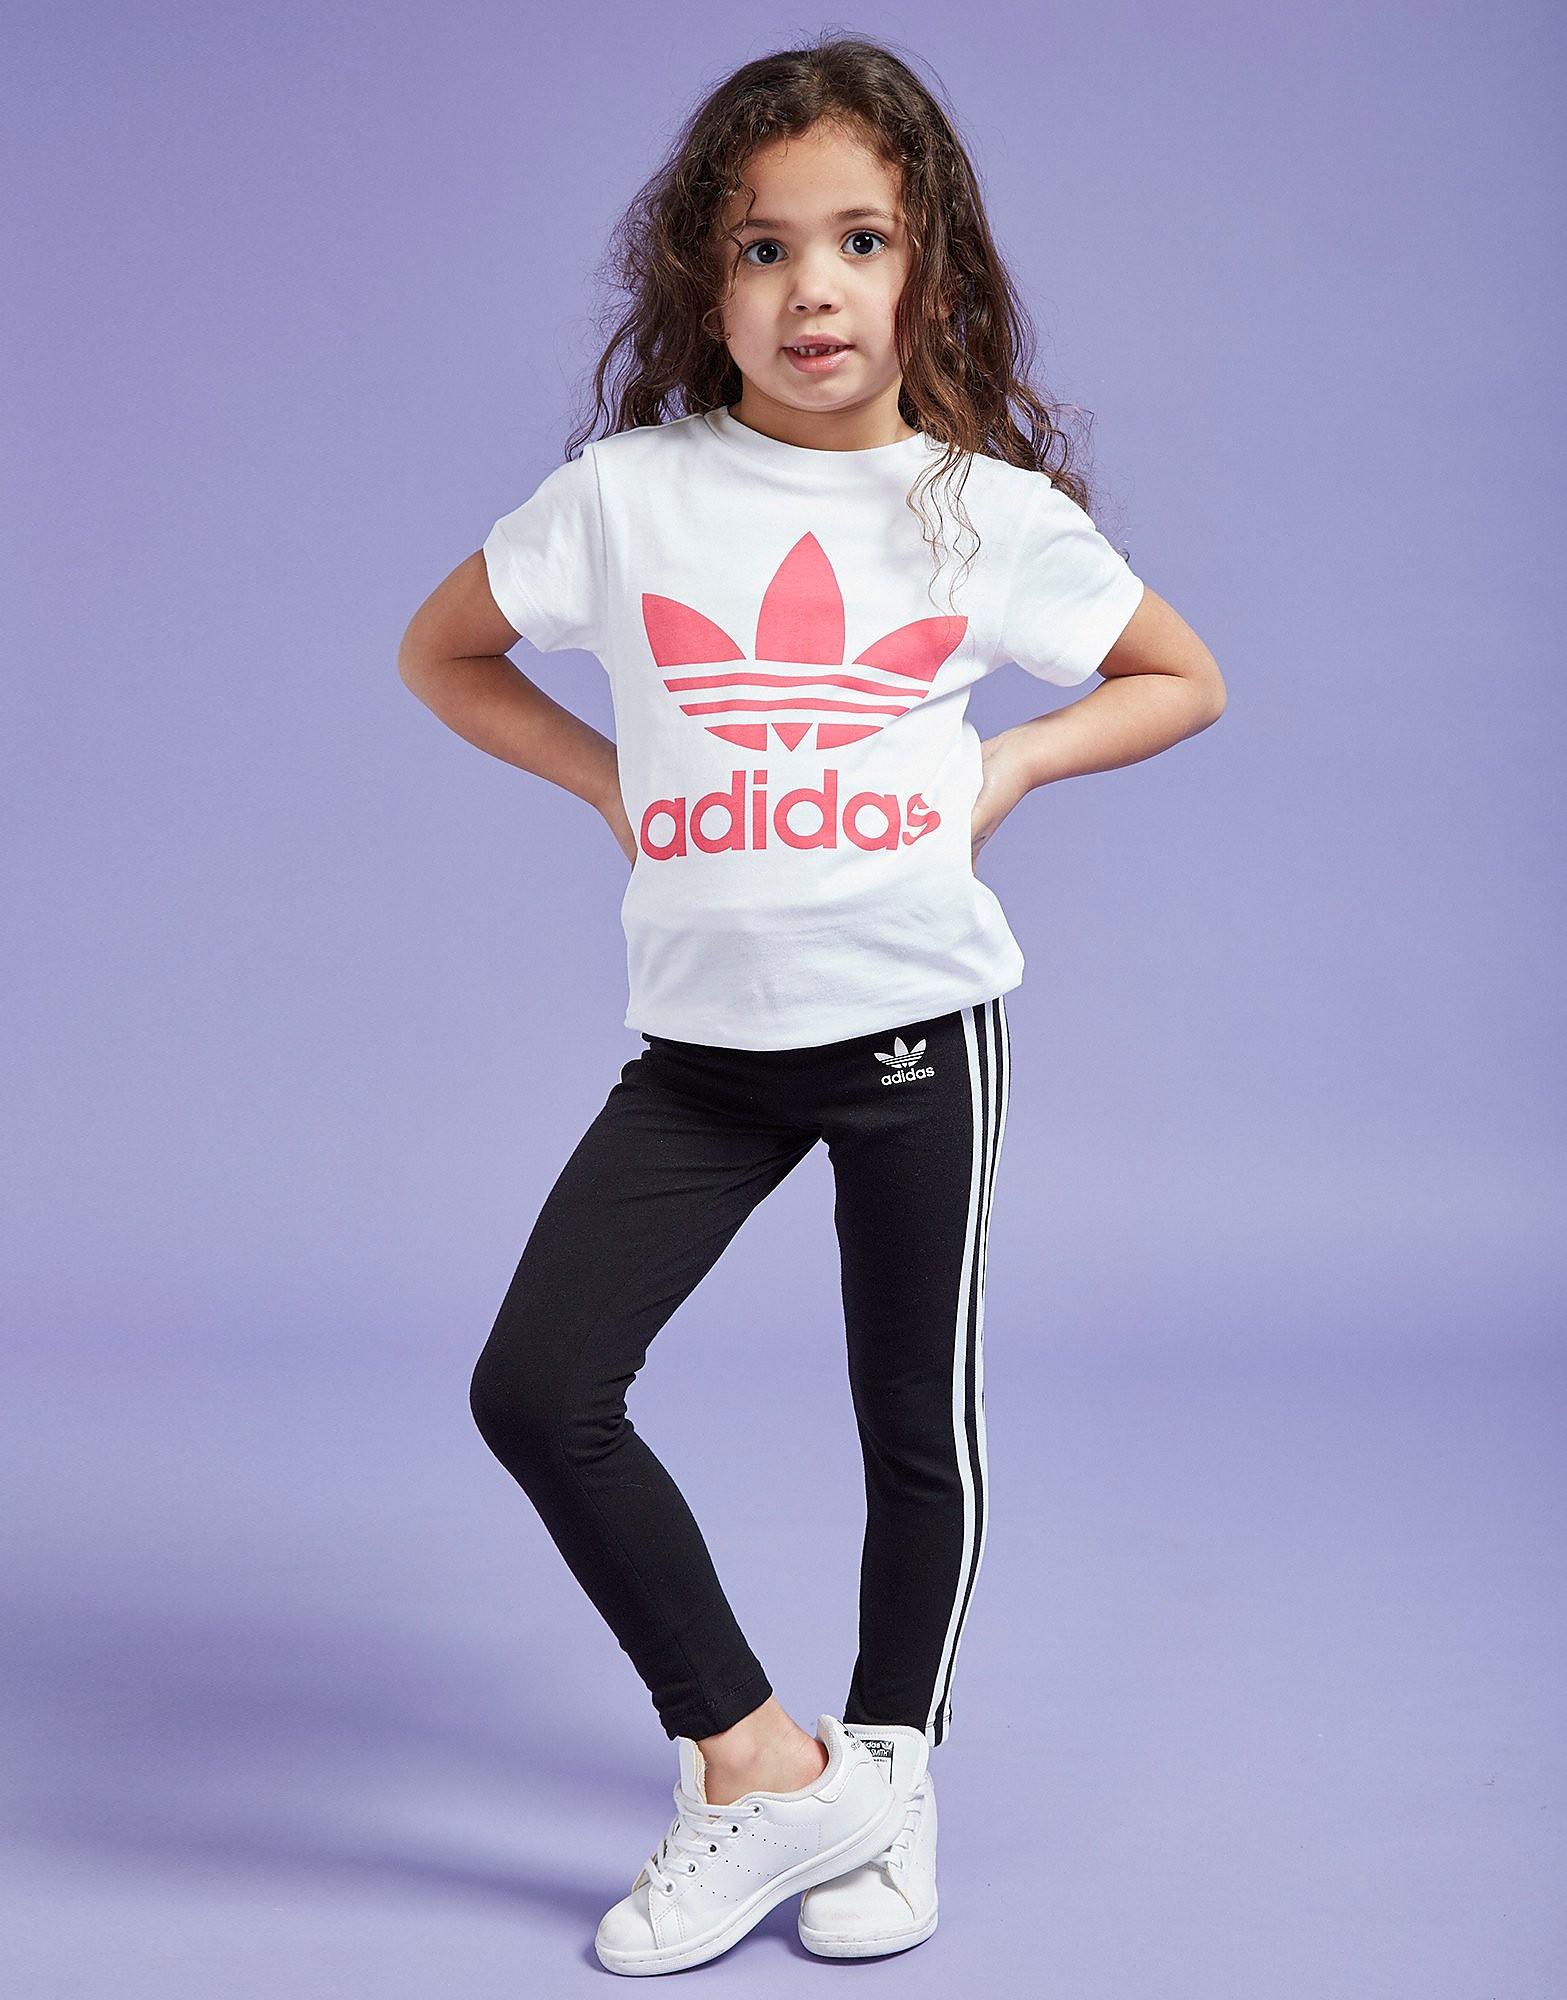 adidas Originals Girls' 3-Stripes Leggings Children